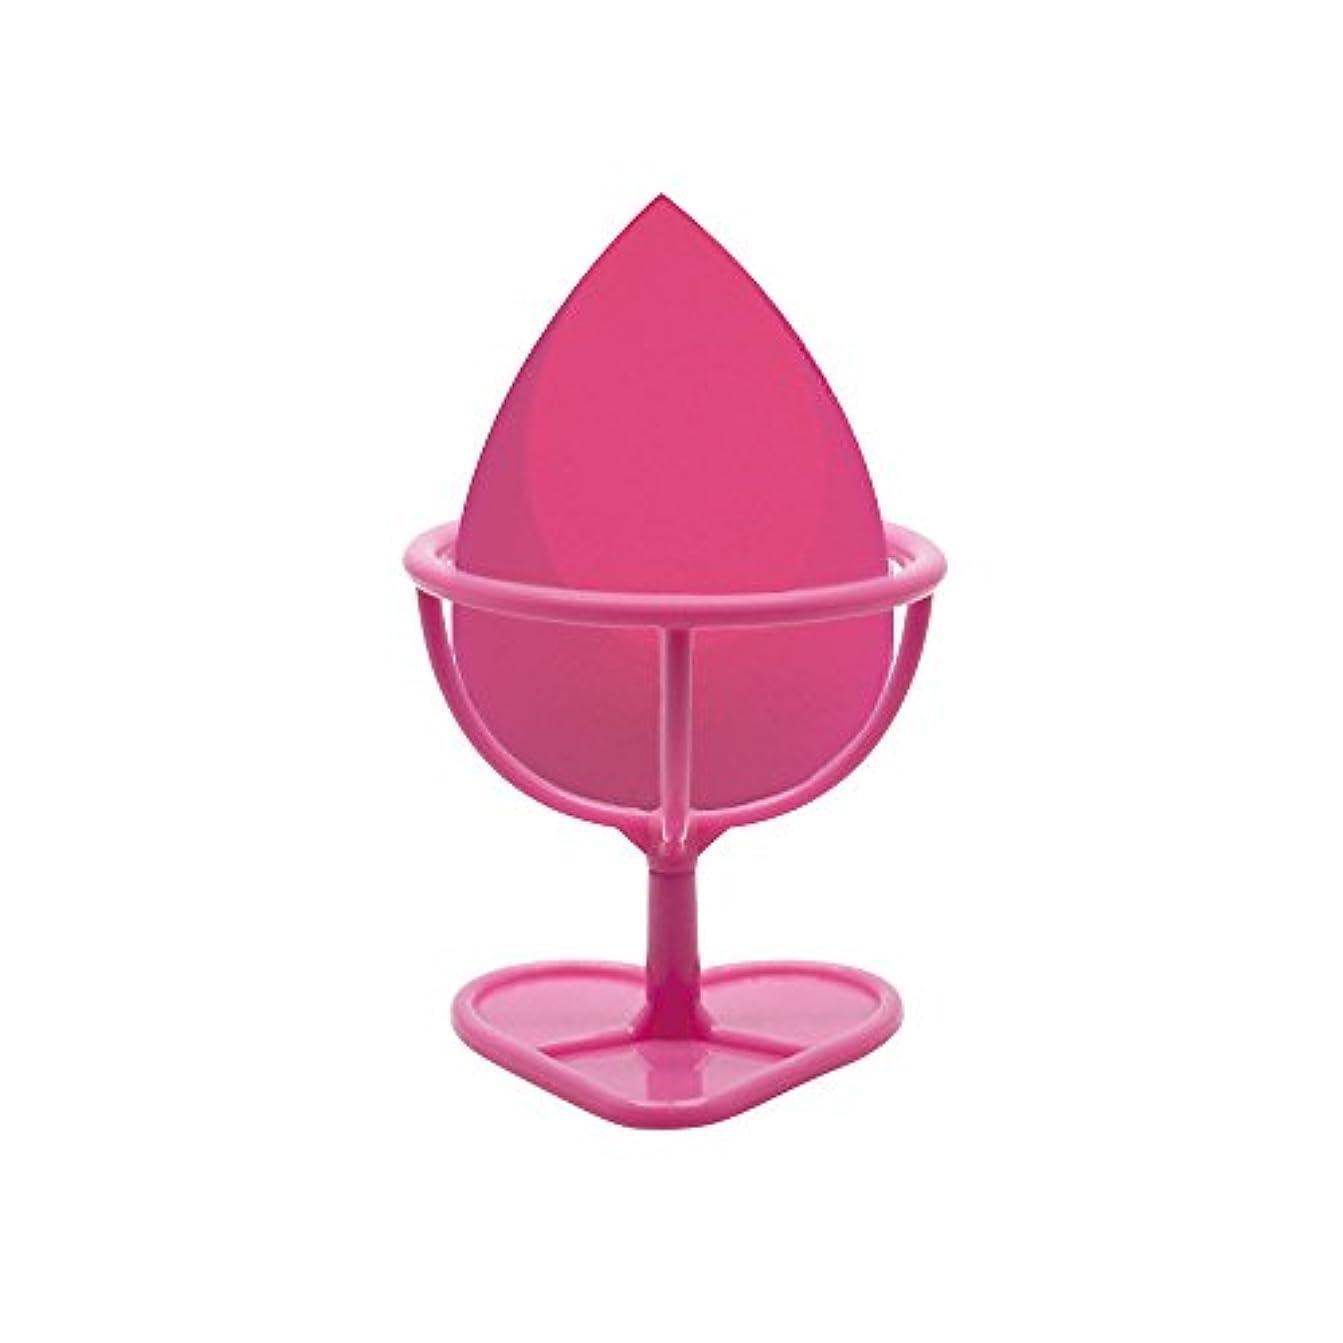 参照する浮浪者体現するHeybeauty メイクスポンジ 斜めカット?卵型 化粧パフ ボックス付き パフ乾燥用スタンド付き ローズレッド